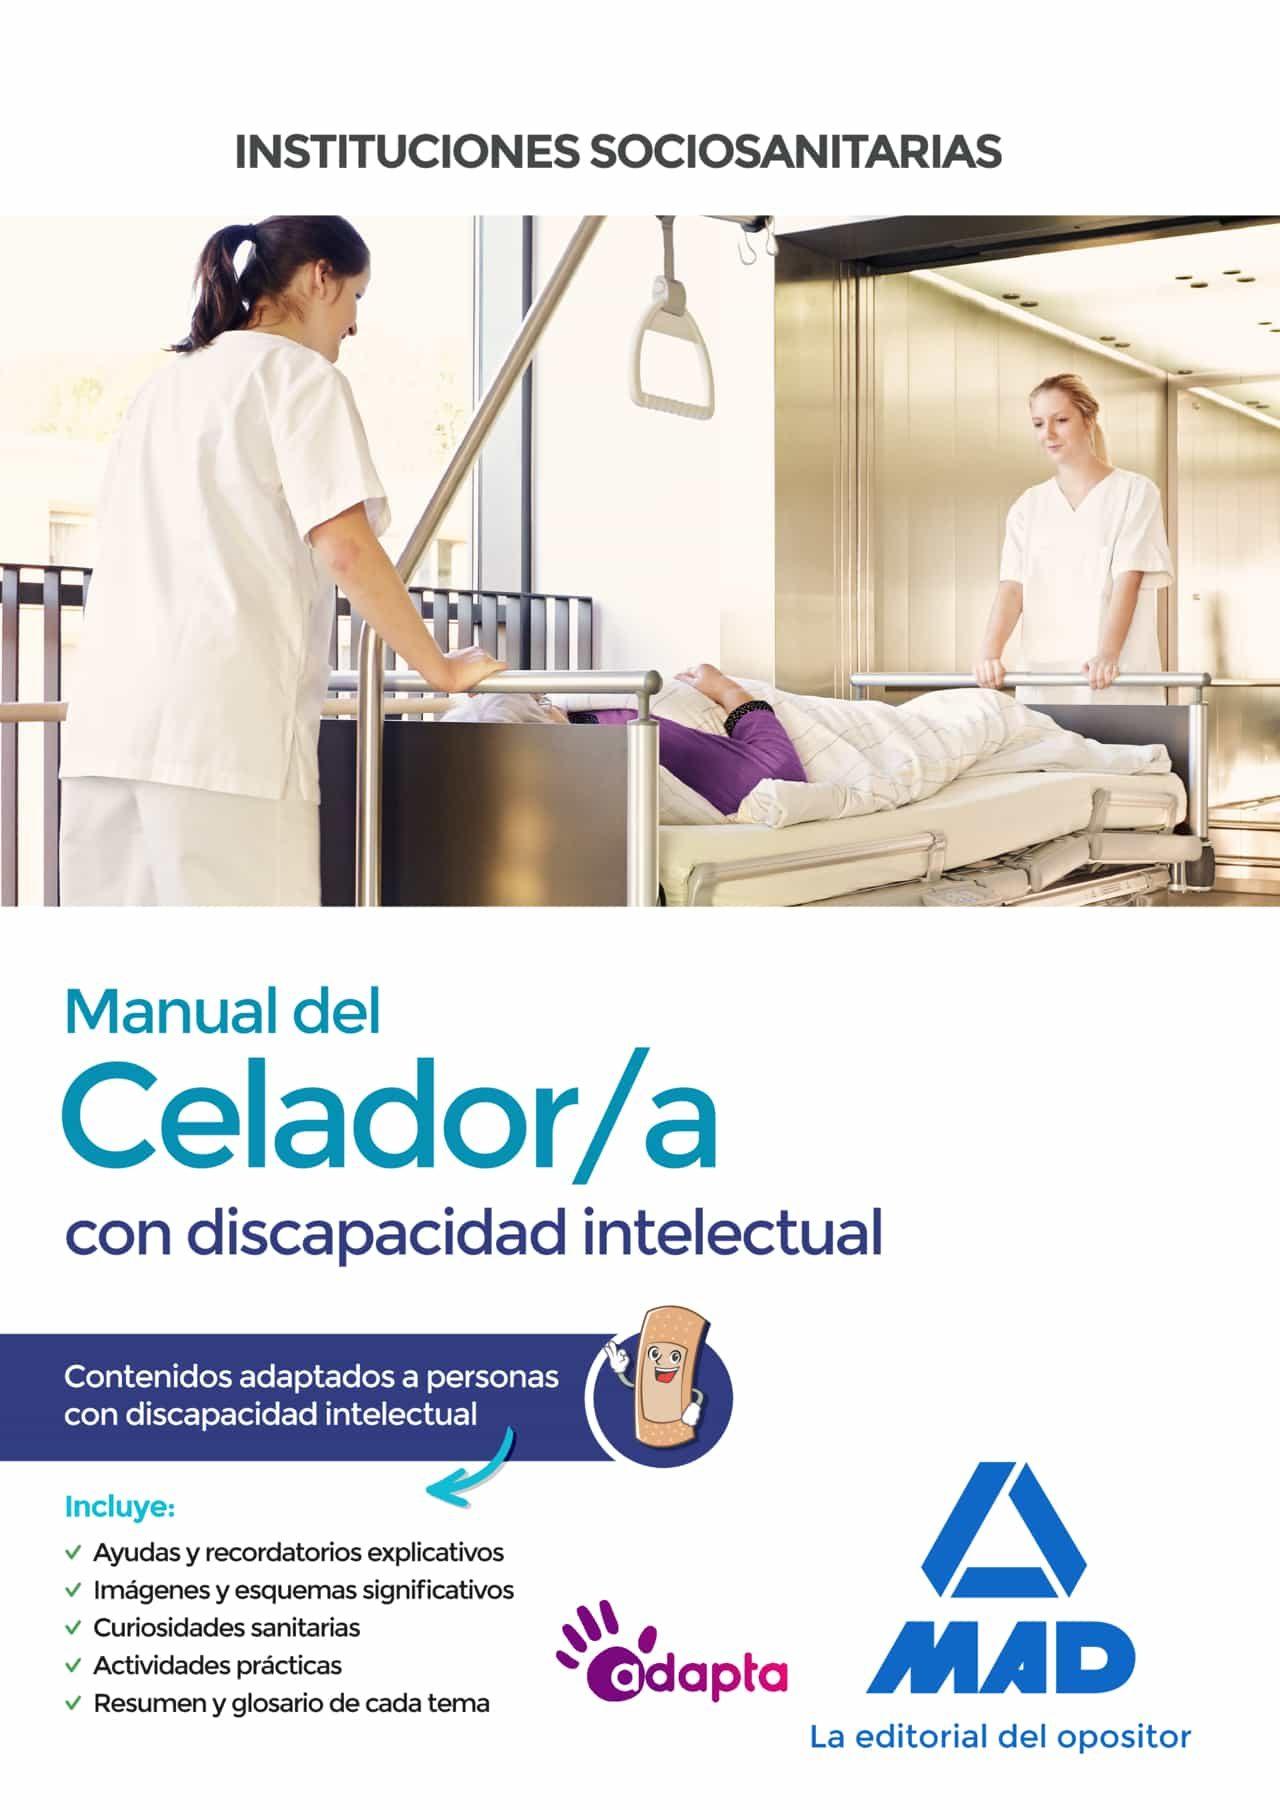 Manual Del Celador/a De Instituciones Sanitarias: Contenidos Adaptados A Persona Con Discapacidad Intelectual por Vv.aa.